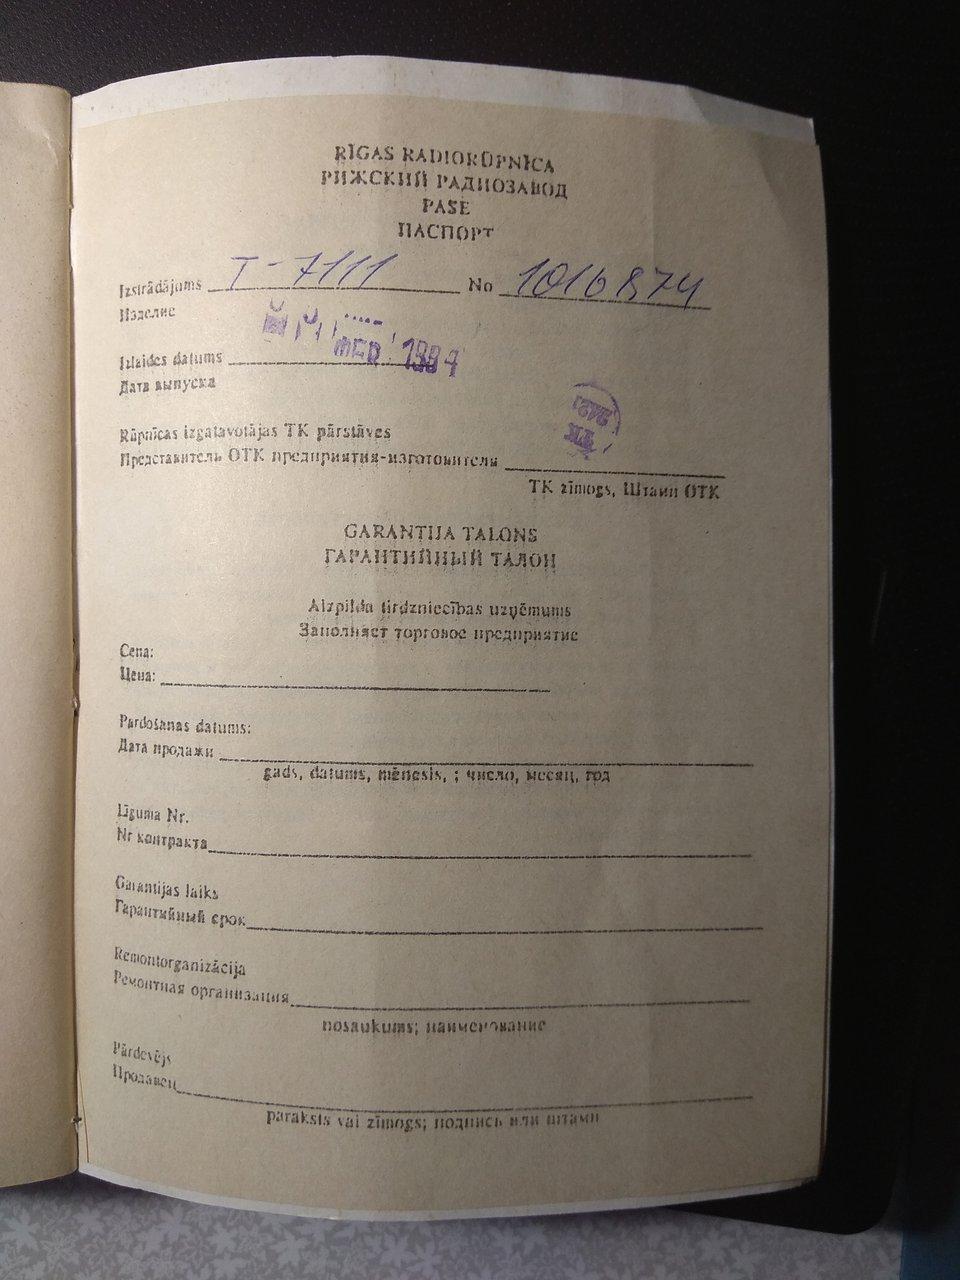 Практический ремонт БРЭА СССР. Недочёты производства.